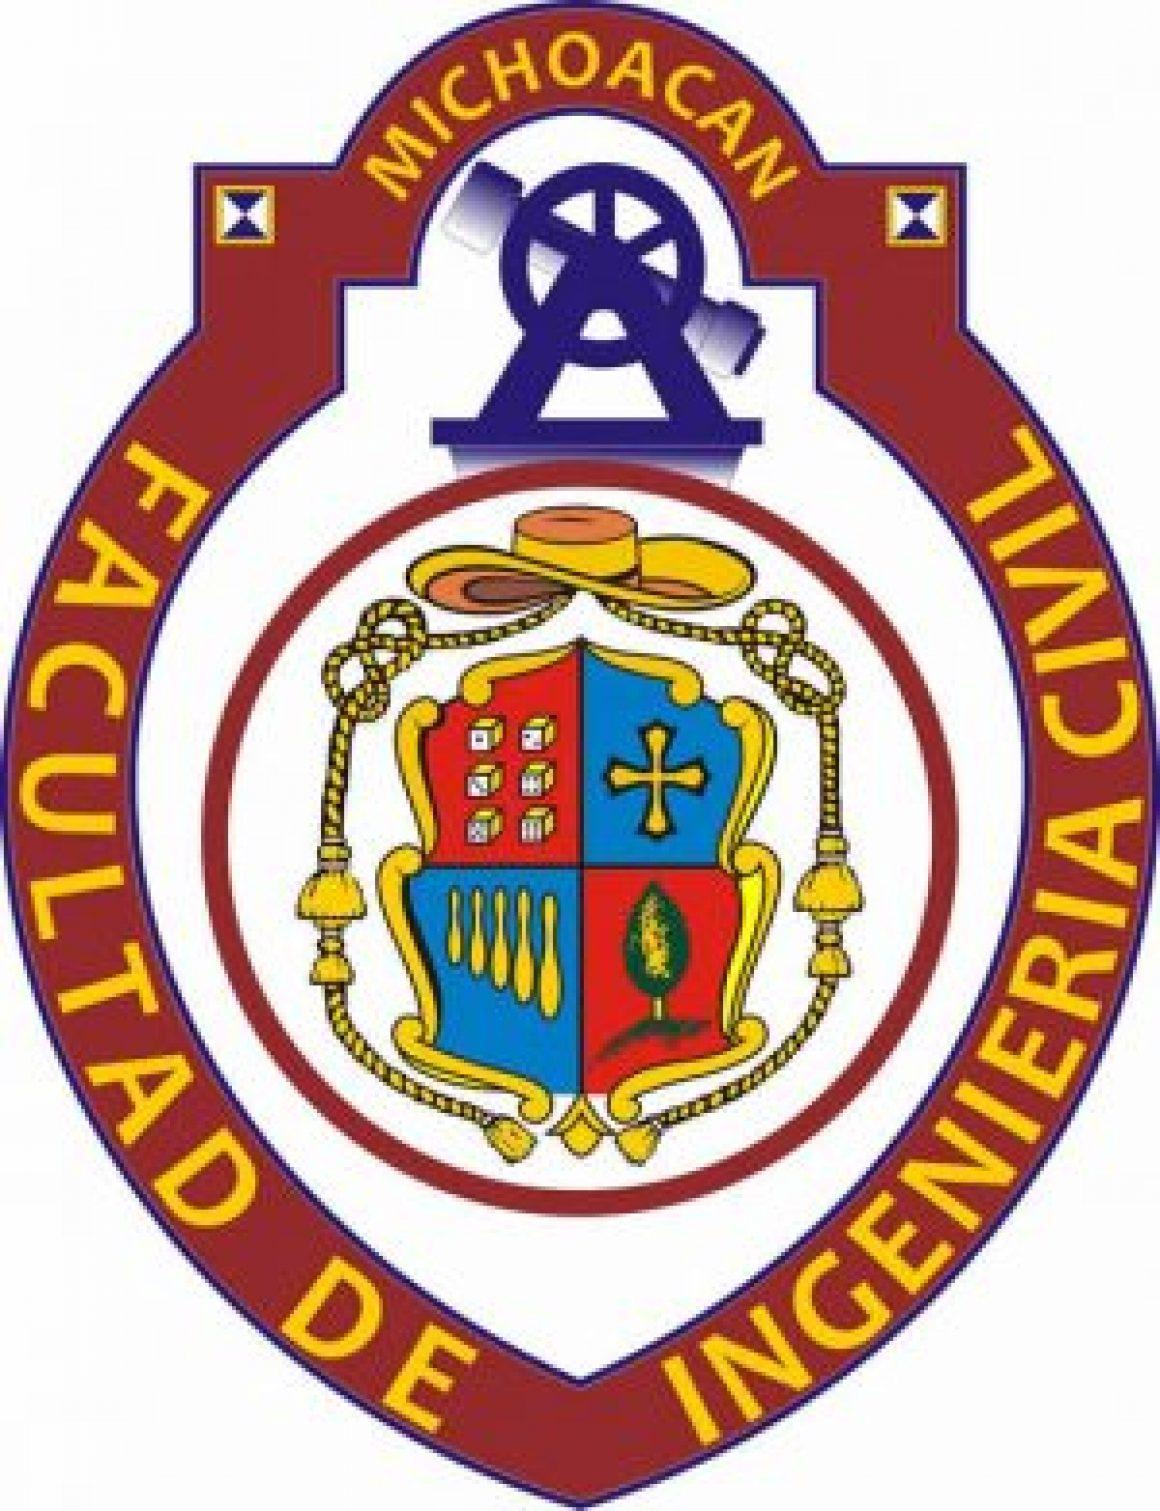 Dueto Zacán, UMSNH, Ingeniería Civil, Universidad Michoacana, Pirekuas, Purepechas, Morelia, Michoacán, México, Música tradicional Michoacana, Música tradicional Mexicana